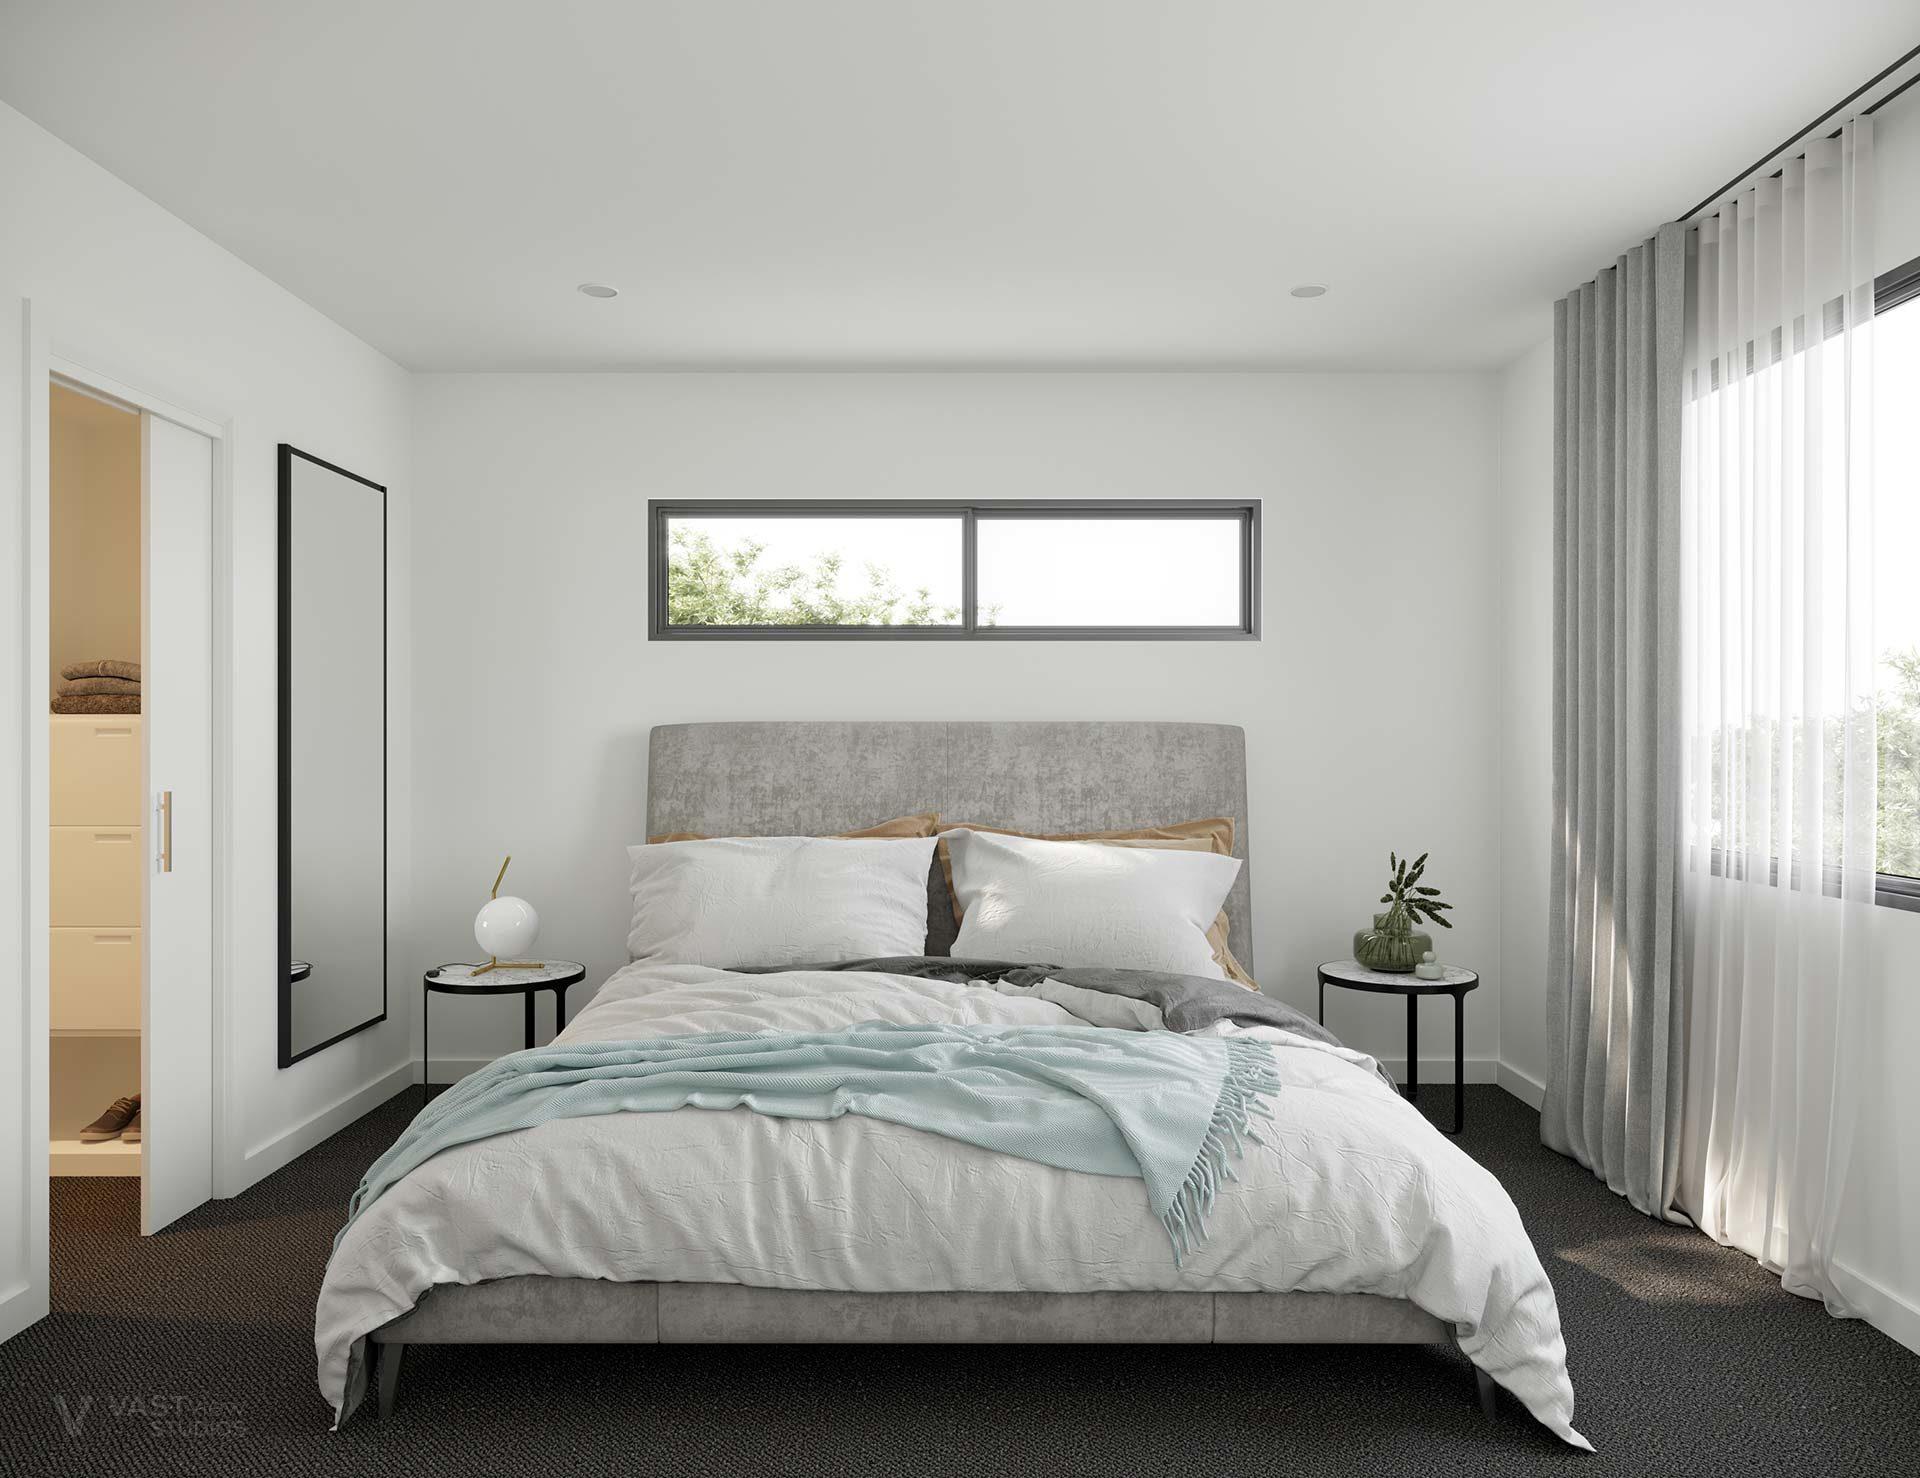 MaySt_Bedroom_FinalRender_v1